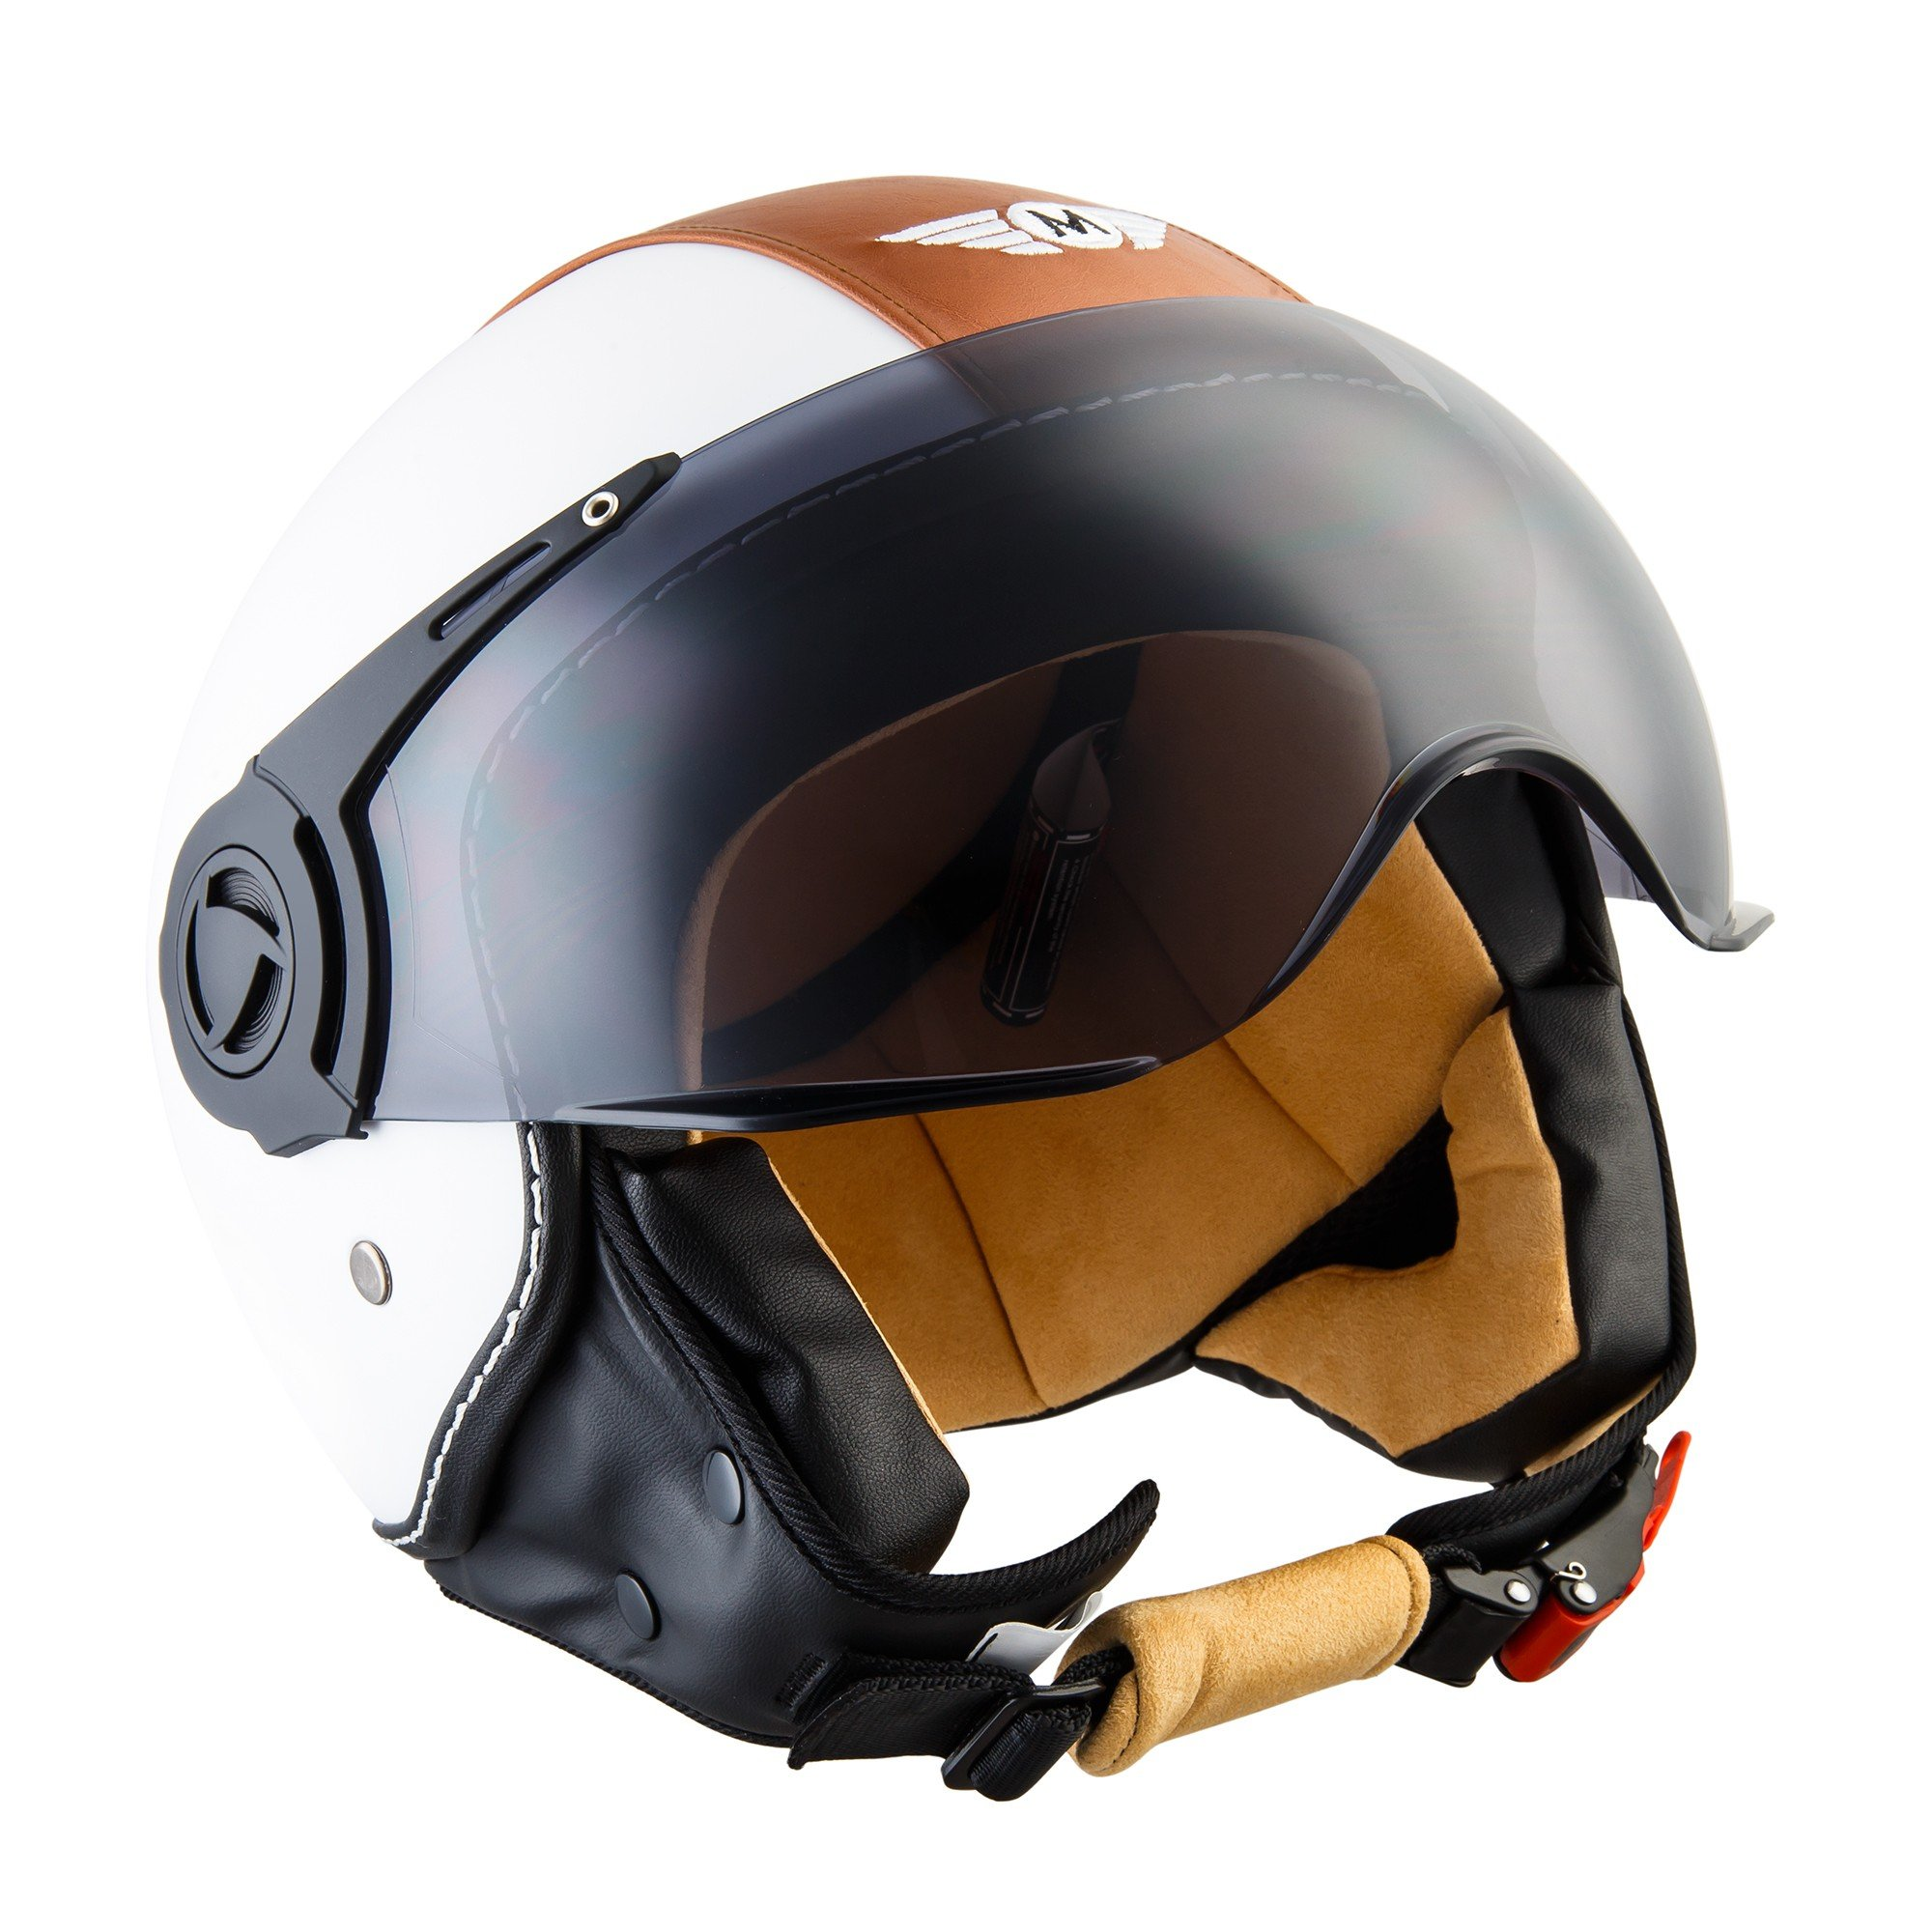 Moto Helmets H44 - Helmet Casco de Moto , Blanco/Cuero, S (55